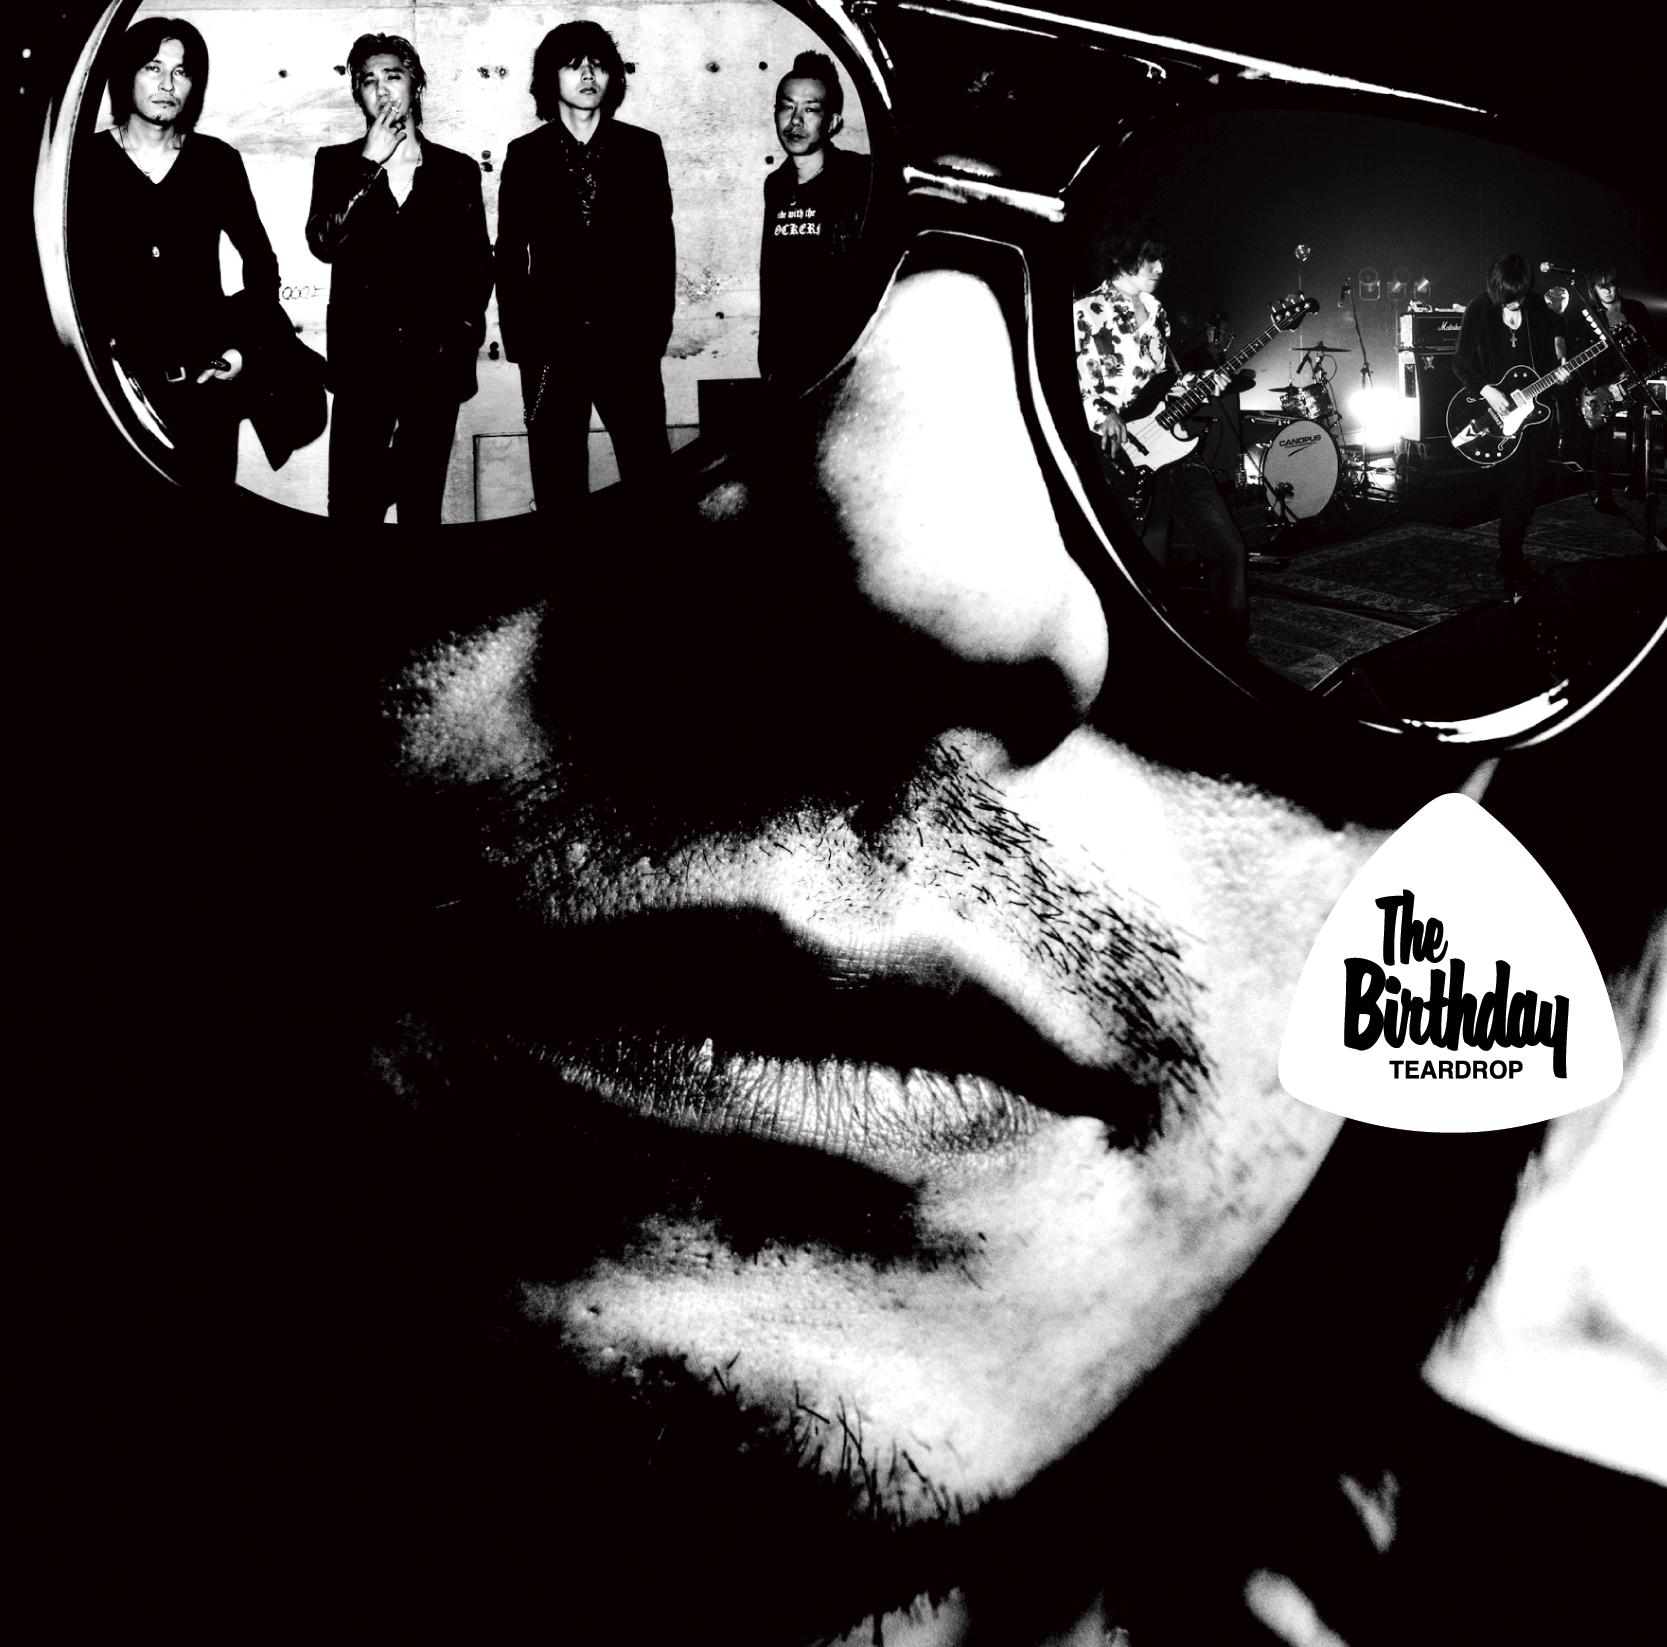 The Birthday 「TEARDROP」